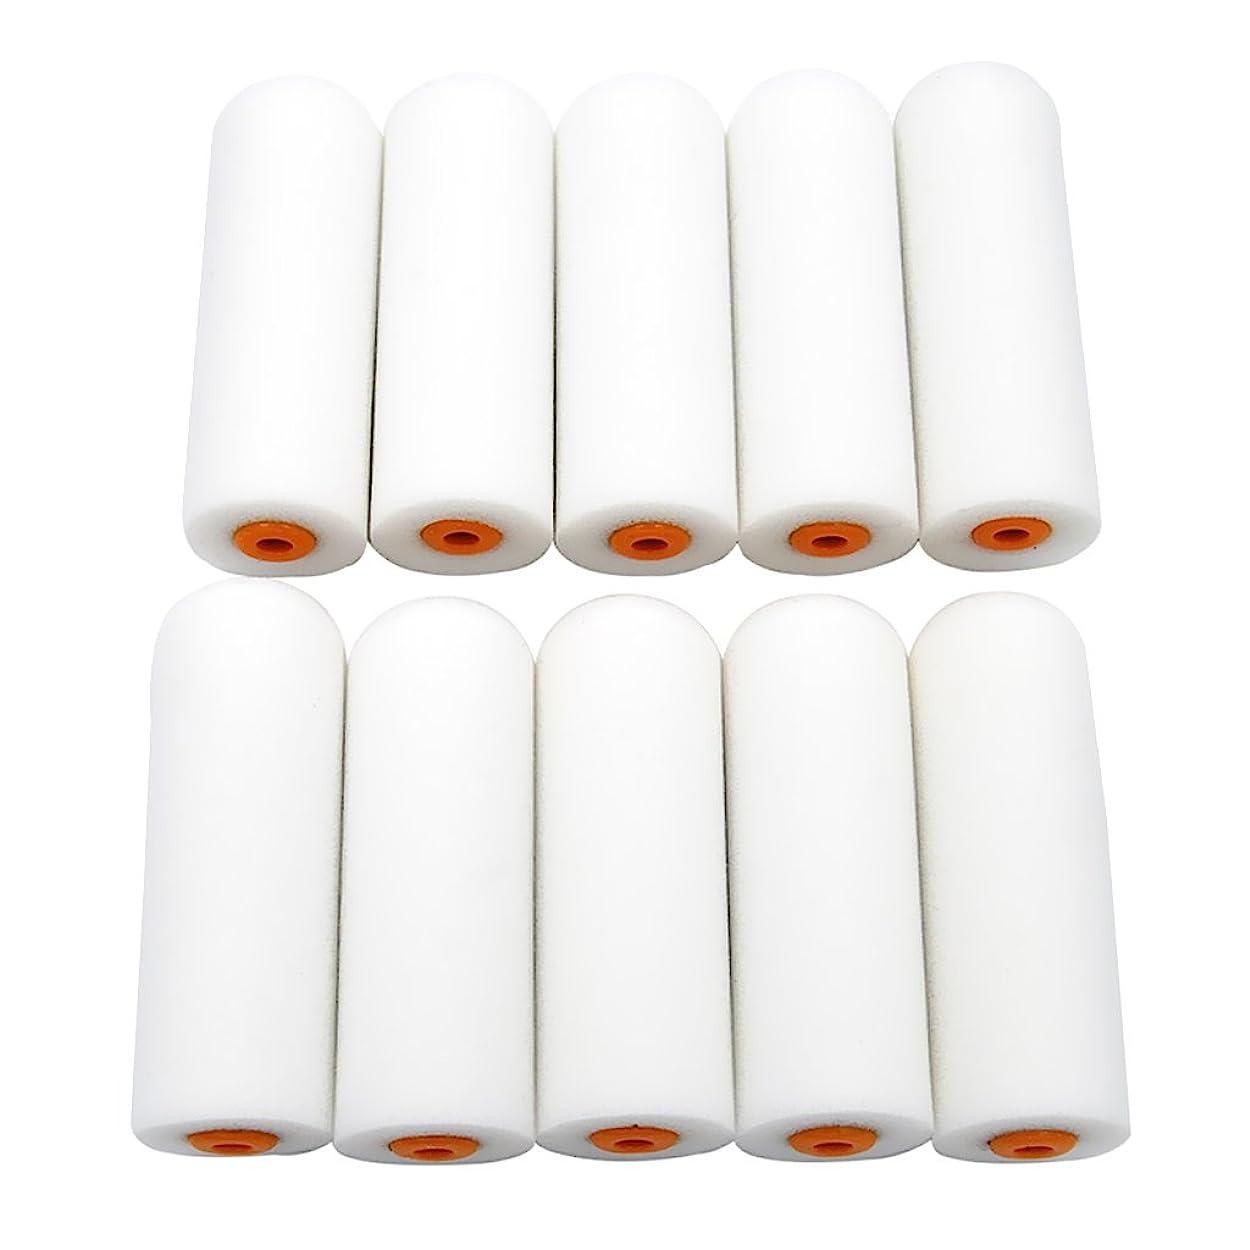 禁じるレタス強大なFutuHome 10個の耐久性のあるフォームスリーブが均等に配置され、小さな面積と精密な作業に適したスムーズなフラットヘッドミニローラー - WT001白色圆头